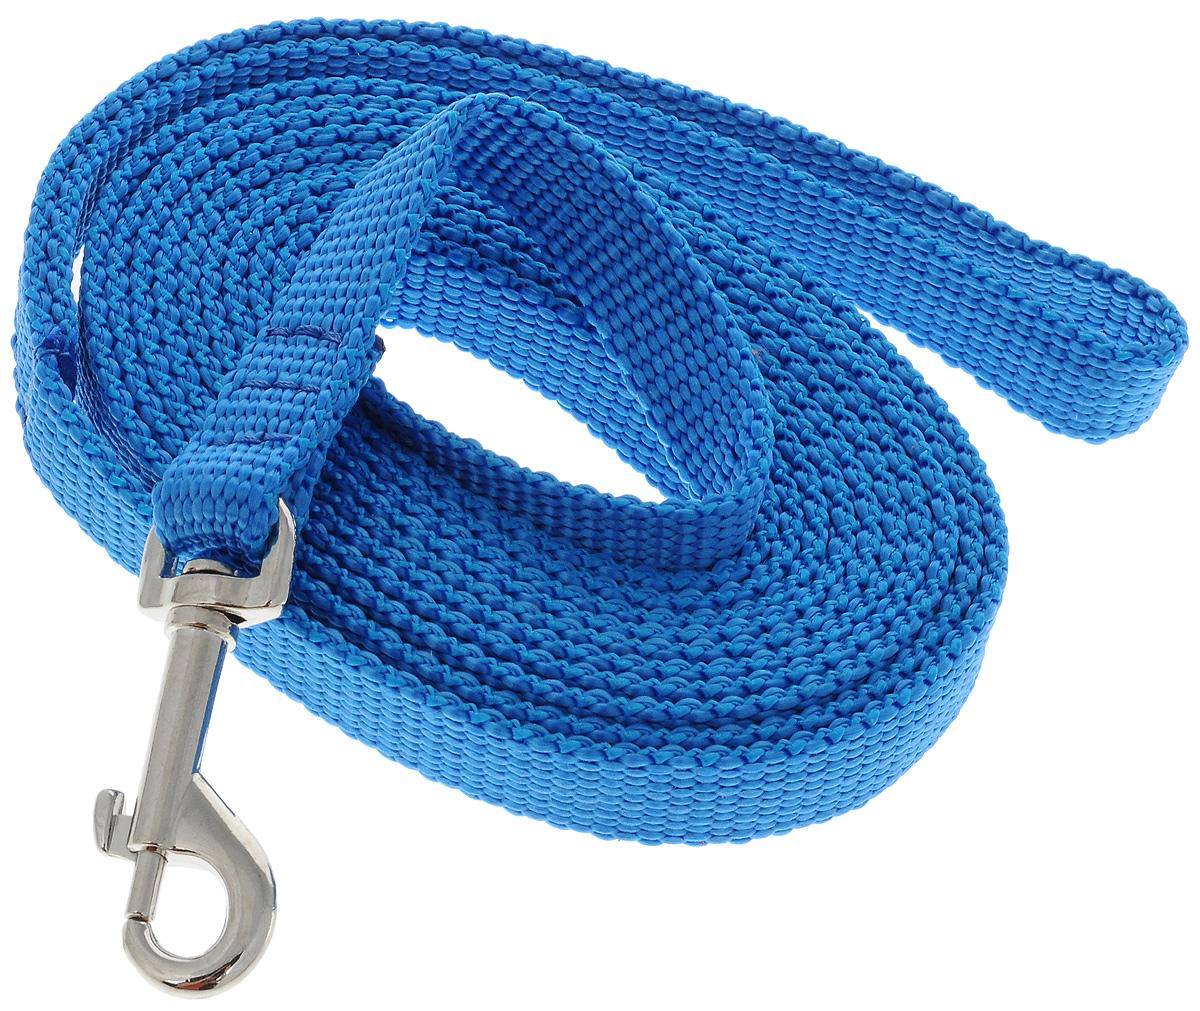 Поводок капроновый для собак Аркон, цвет: голубой, ширина 1,5 см, длина 3 мпк3м15_голубойПоводок для собак Аркон изготовлен из высококачественного цветного капрона и снабжен металлическим карабином. Изделие отличается не только исключительной надежностью и удобством, но и привлекательным современным дизайном. Поводок - необходимый аксессуар для собаки. Ведь в опасных ситуациях именно он способен спасти жизнь вашему любимому питомцу. Иногда нужно ограничивать свободу своего четвероногого друга, чтобы защитить его или себя от неприятностей на прогулке. Длина поводка: 3 м. Ширина поводка: 1,5 см.